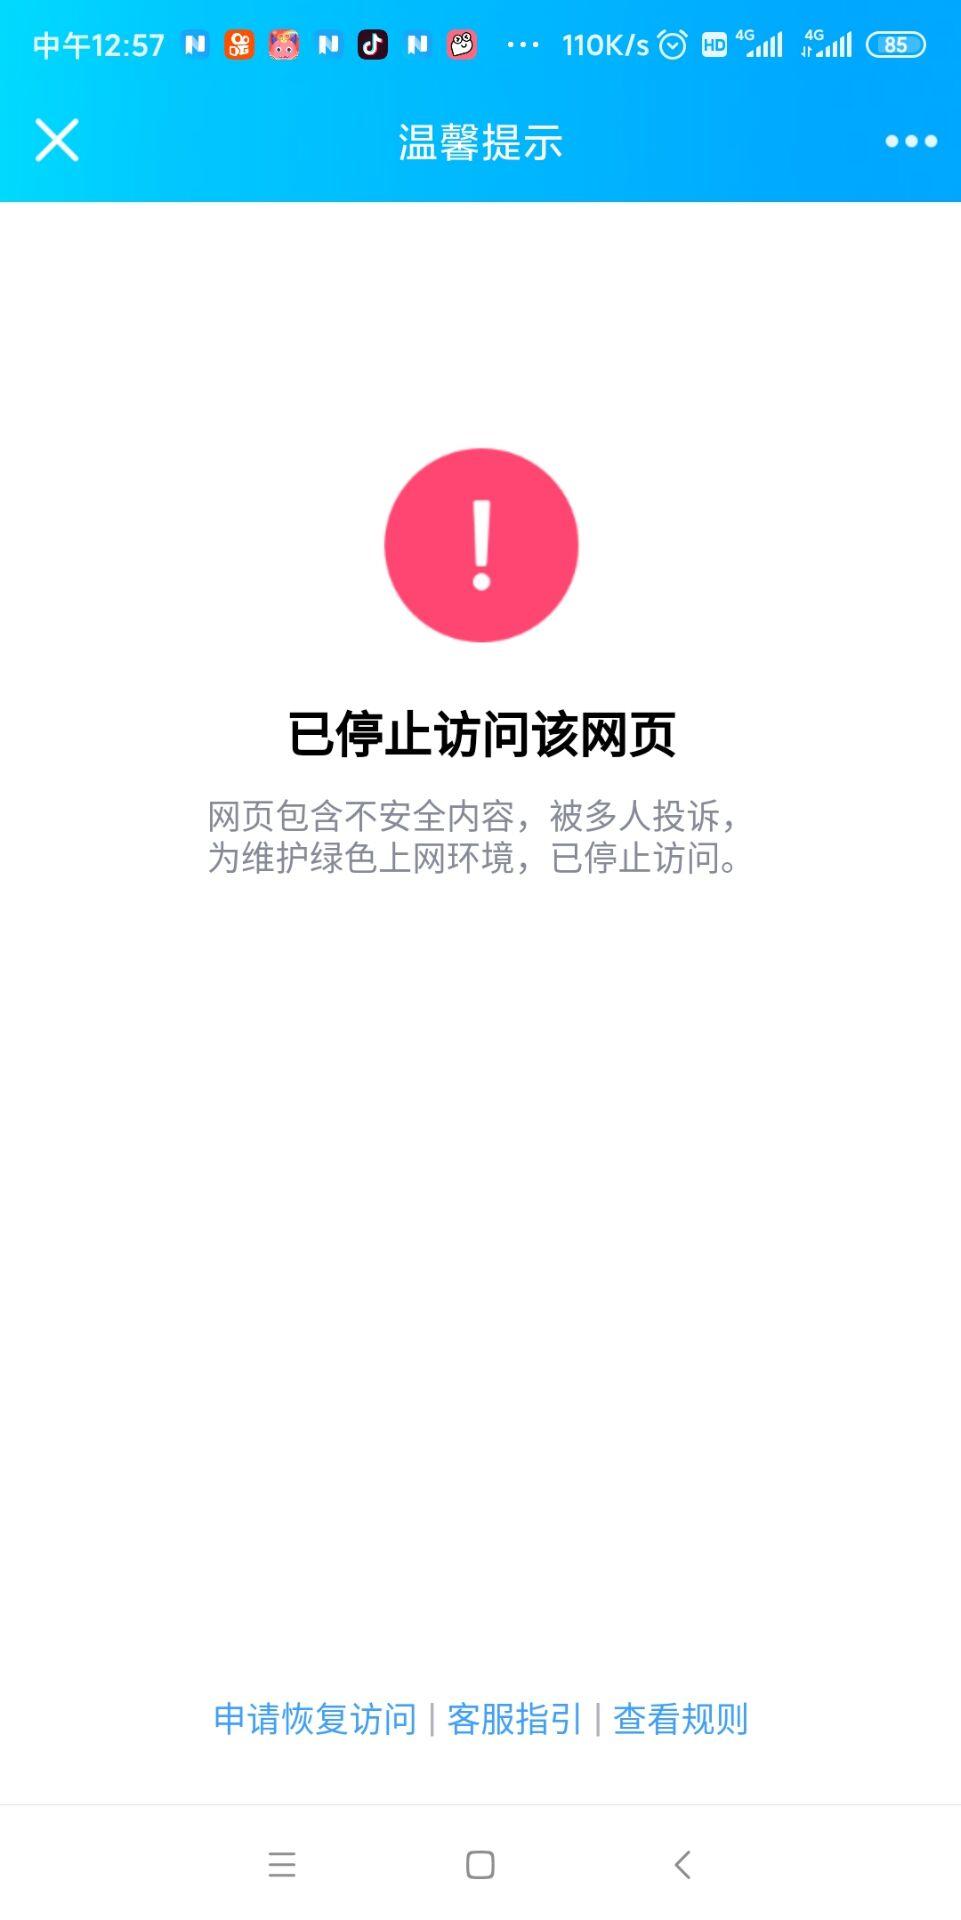 【资源分享】域名防红亲测可用